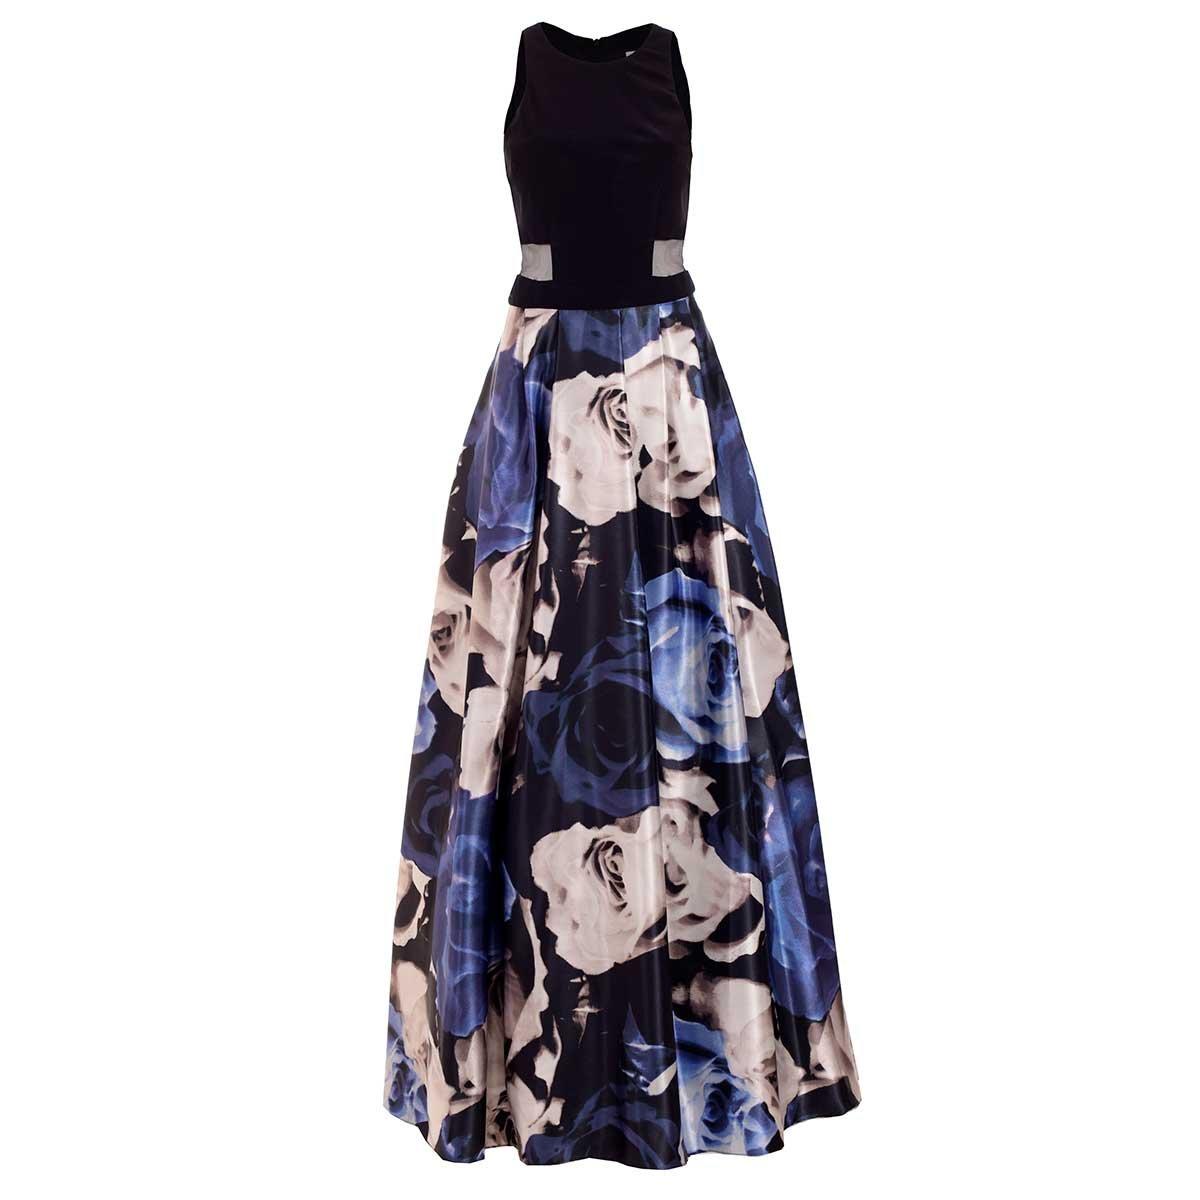 Vestidos de fiesta falda estampada